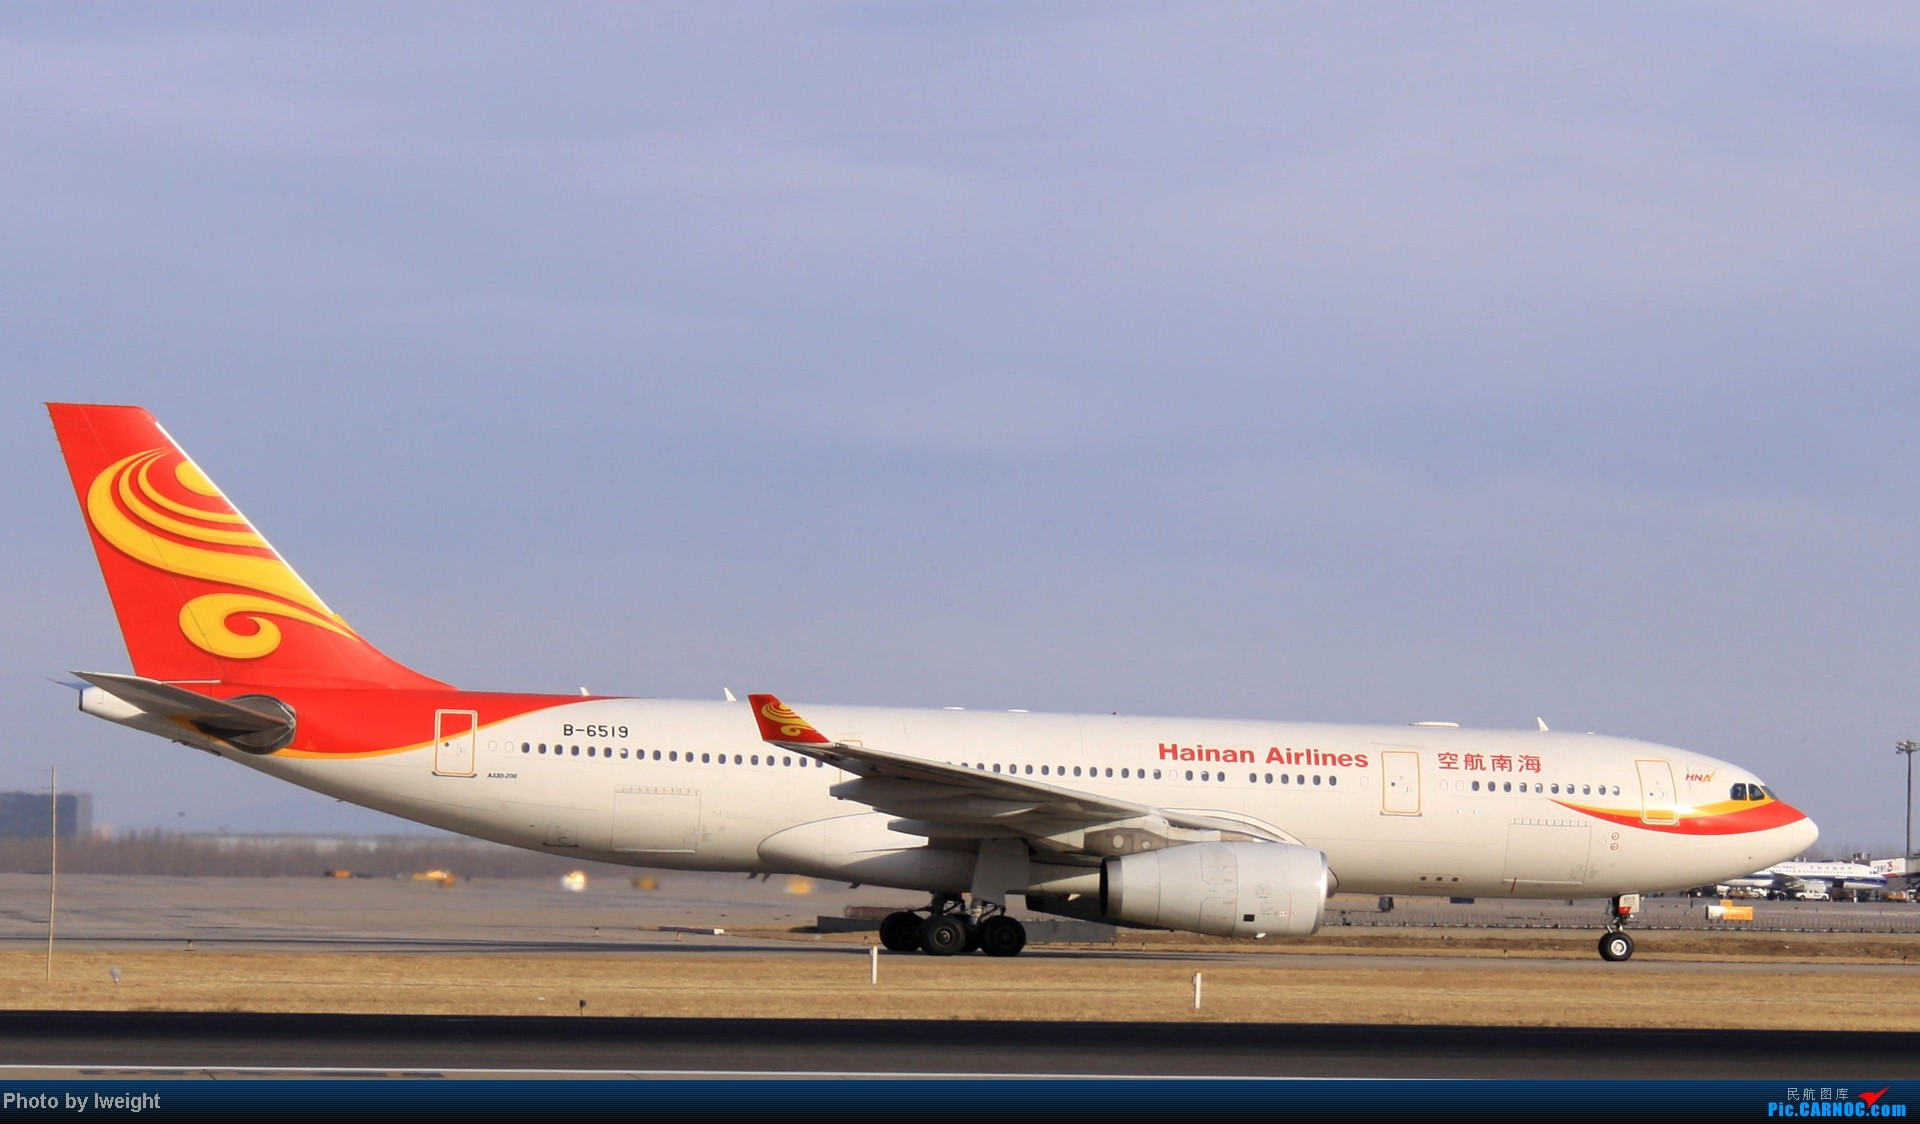 Re:[原创]今天下午瞎拍两个小时的杂图 AIRBUS A330-200 B-6519 中国北京首都机场